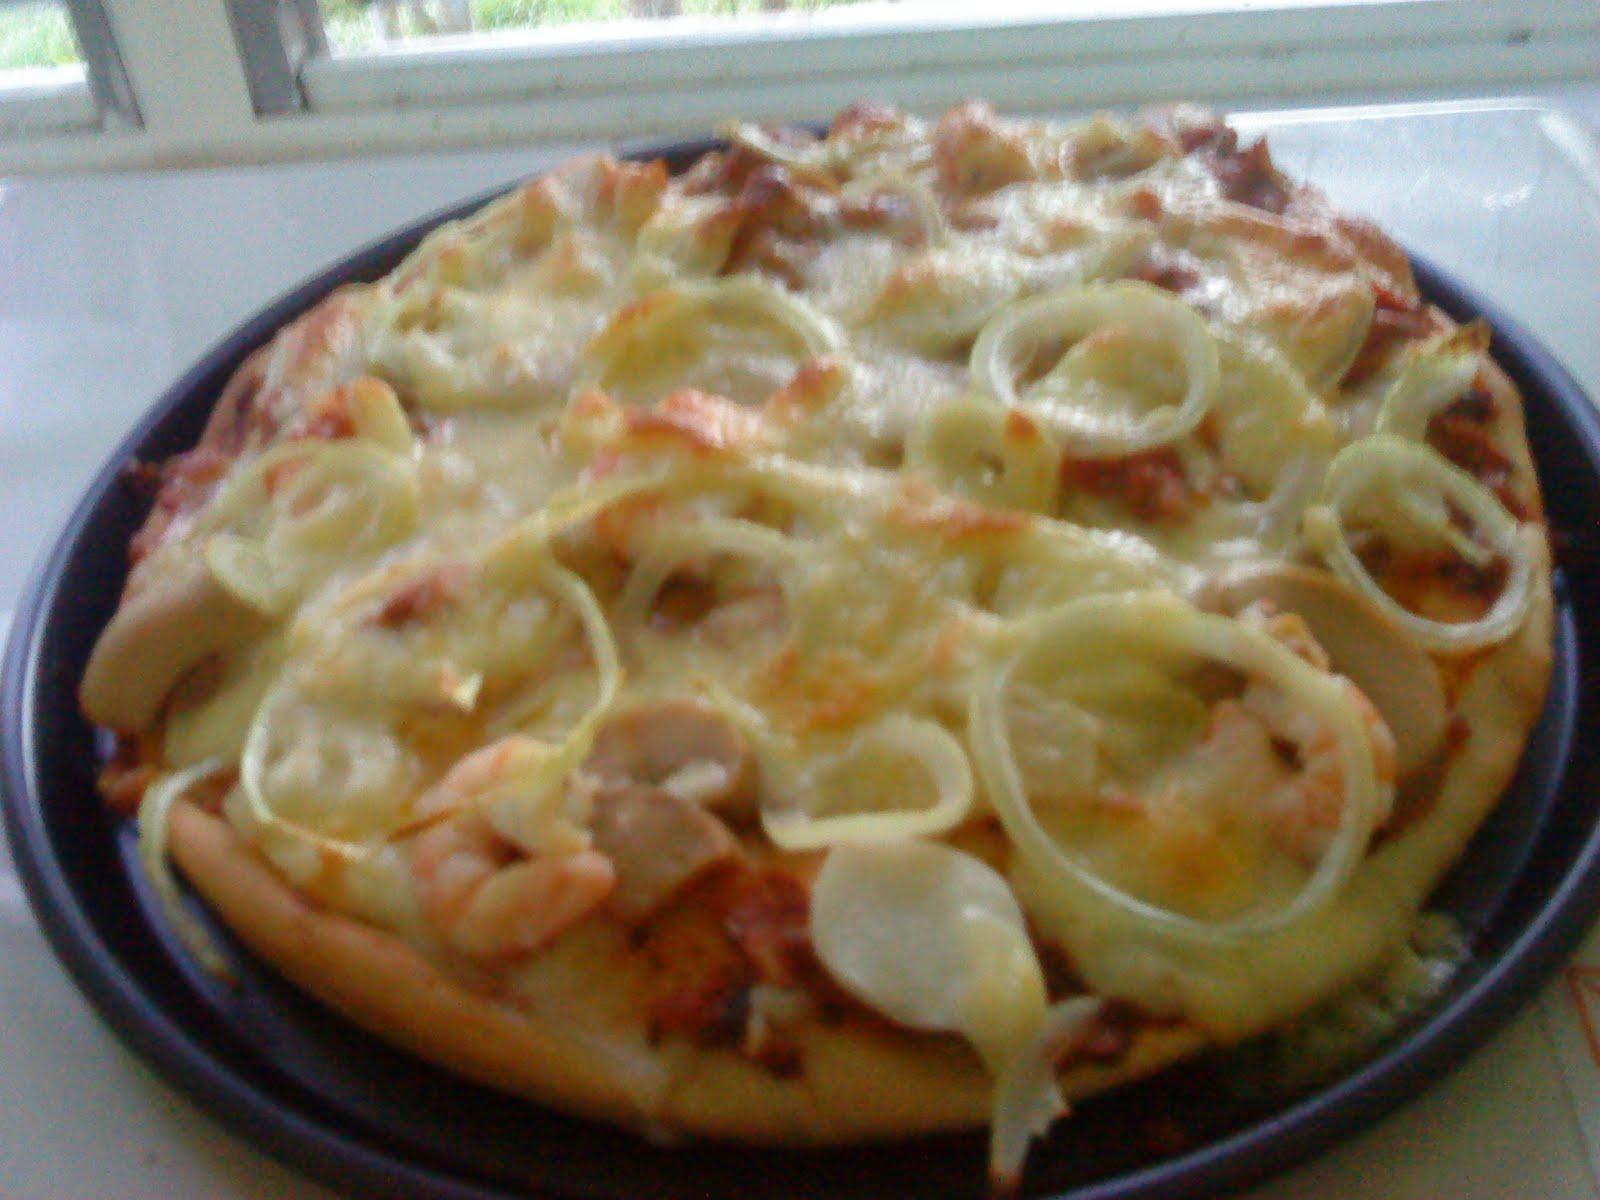 resepi pizza pasar malam enak  mudah resepi pemakanan Resepi Ayam Panggang Madu Pasar Malam Enak dan Mudah